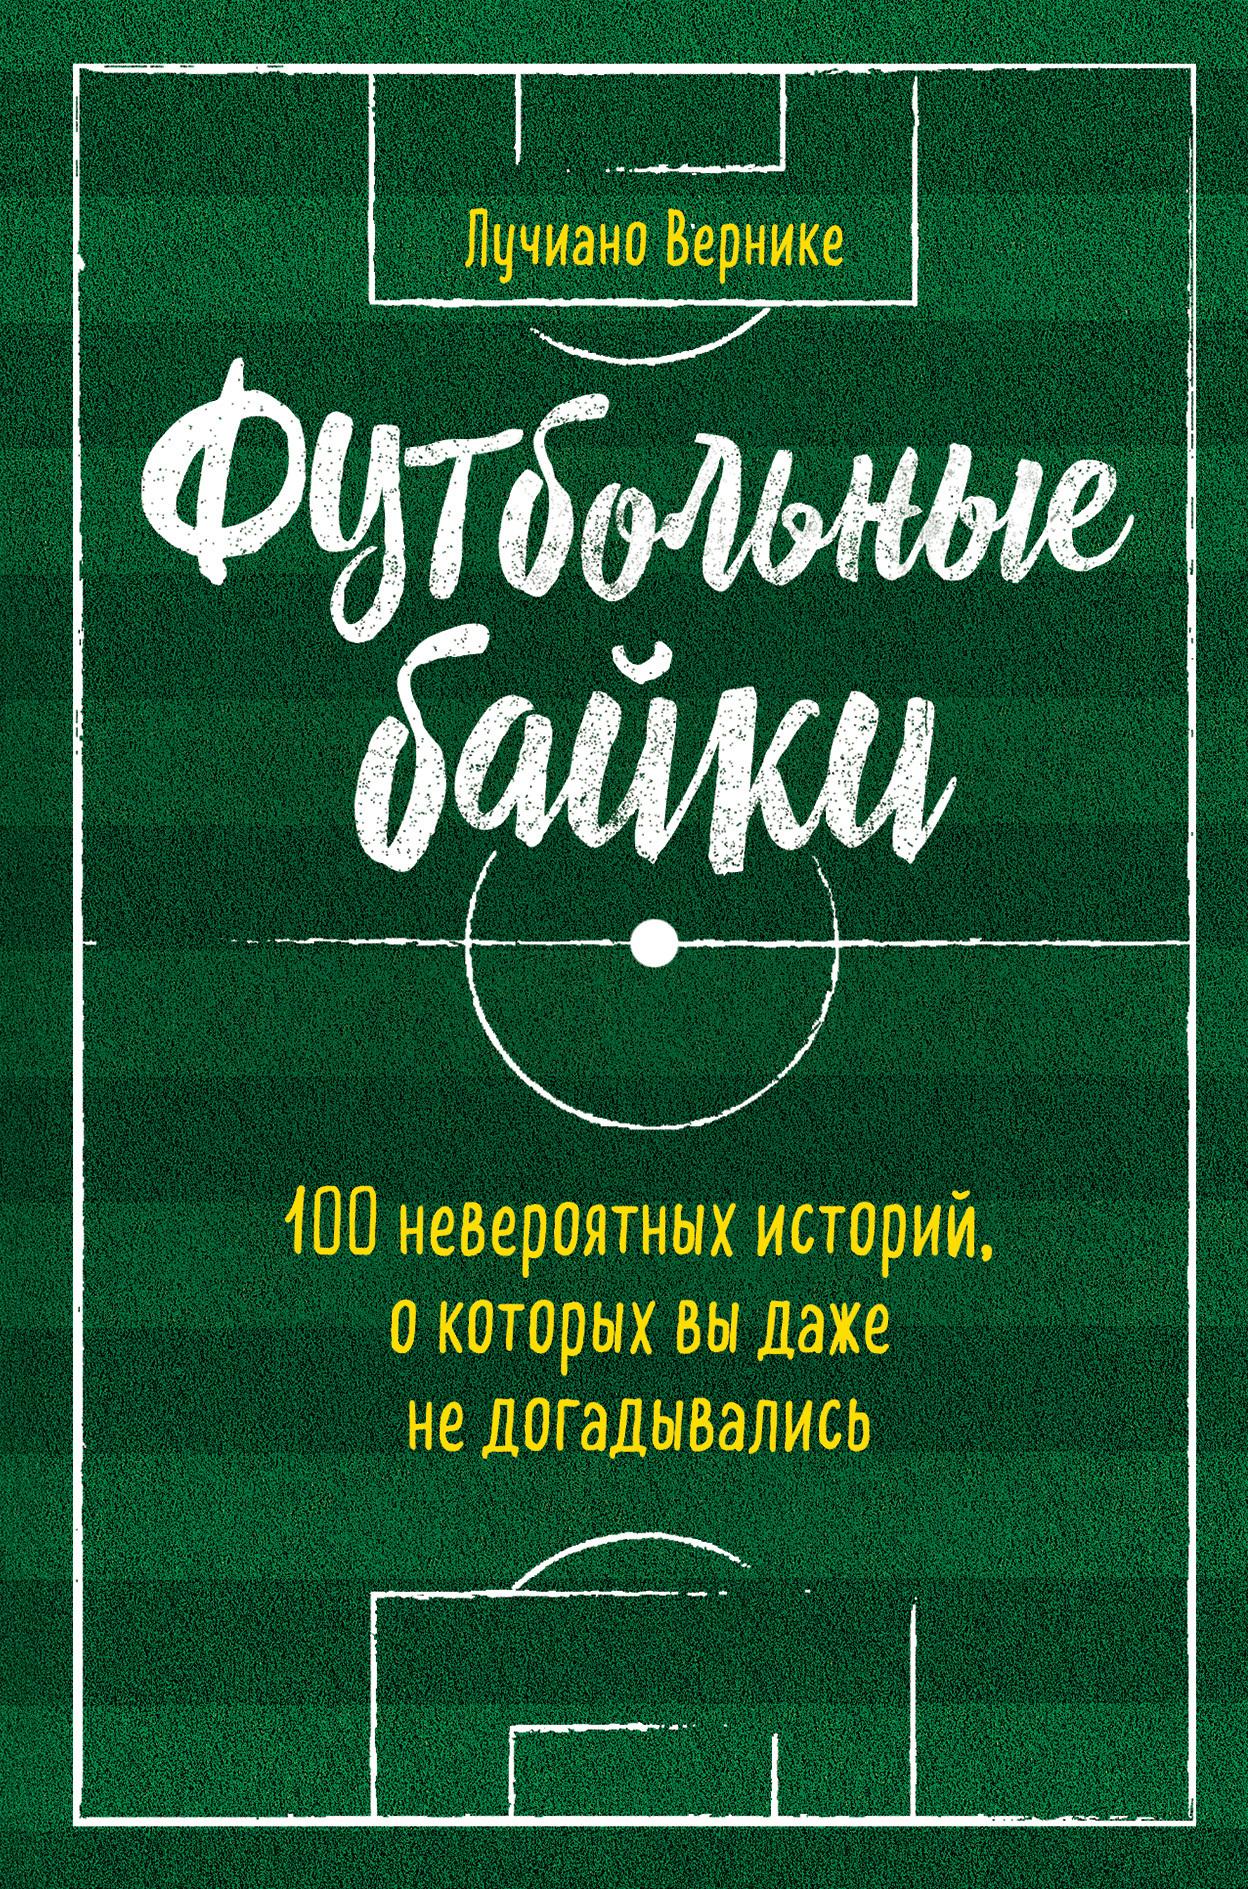 Футбольные байки: 100 невероятных историй, о которых вы даже не догадывались